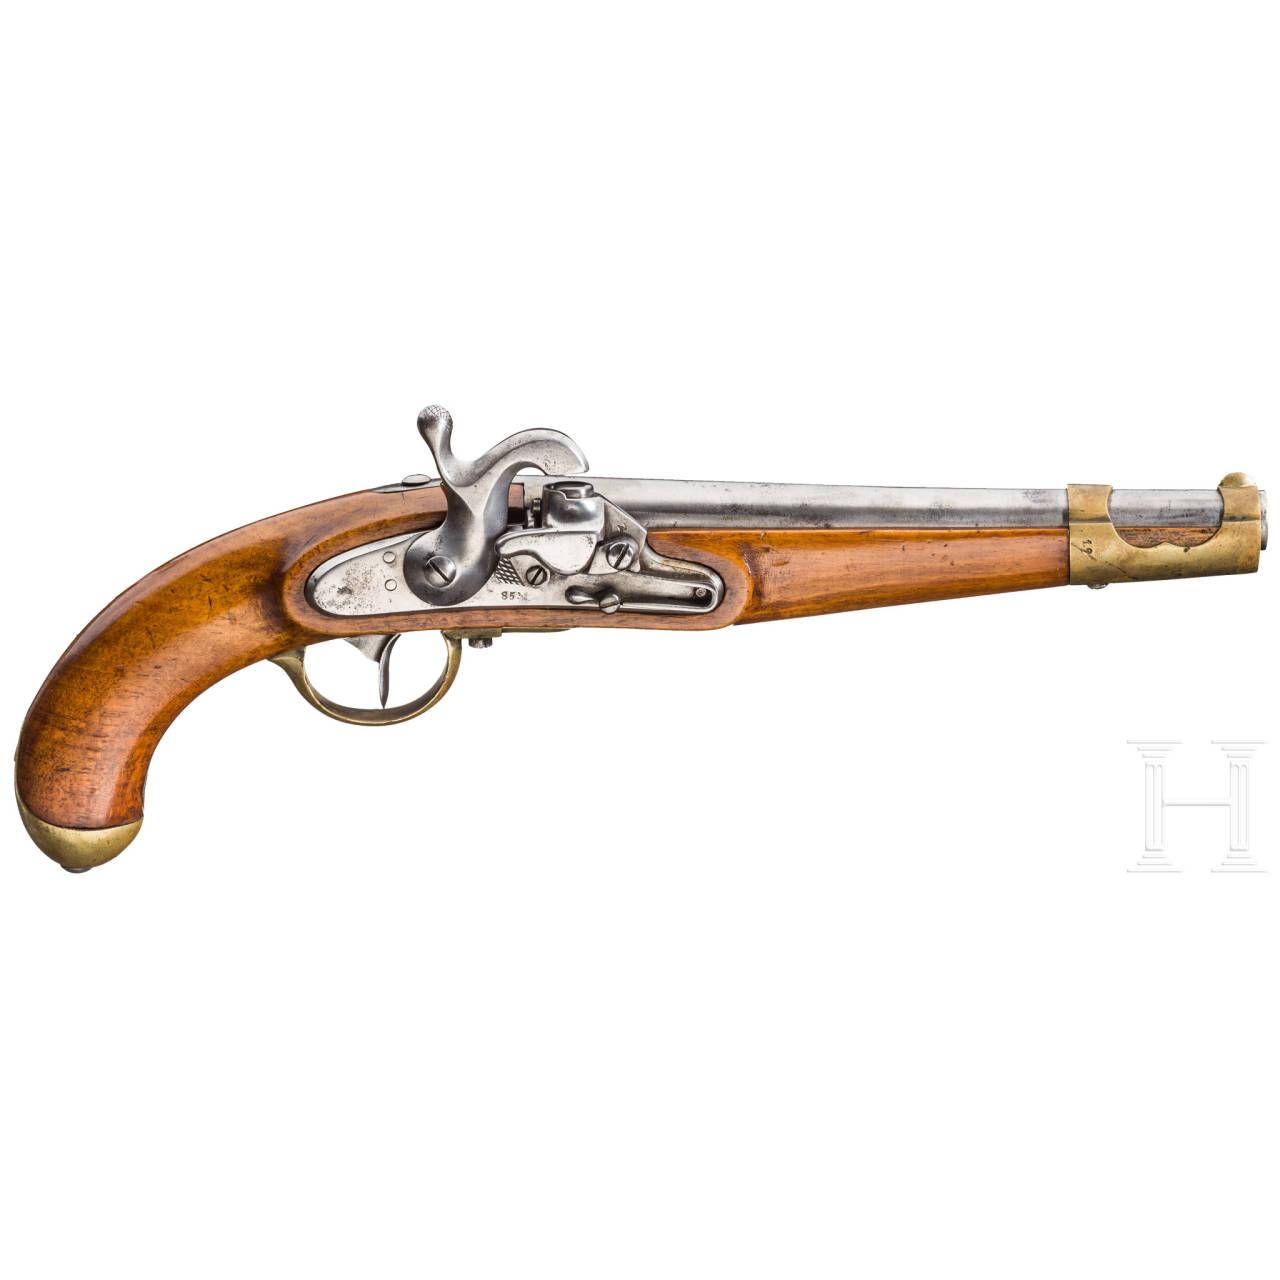 Kavalleriepistole M 1851, System Augustin